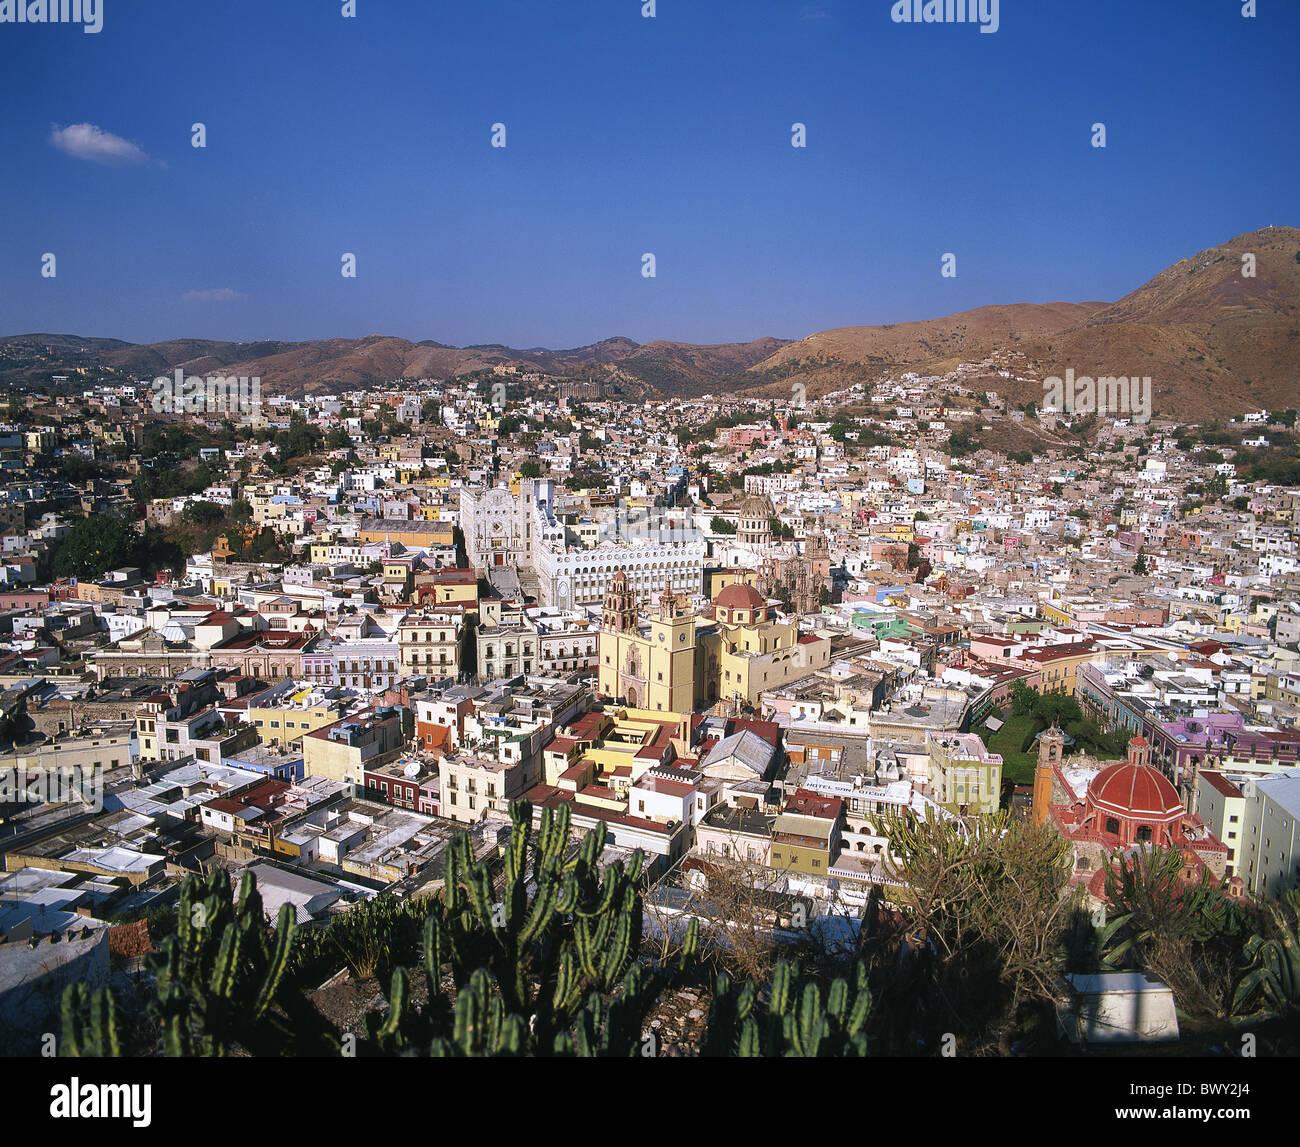 Guanajuato Mexiko Mittelamerika Lateinamerika Städte Städte Übersicht Stockbild